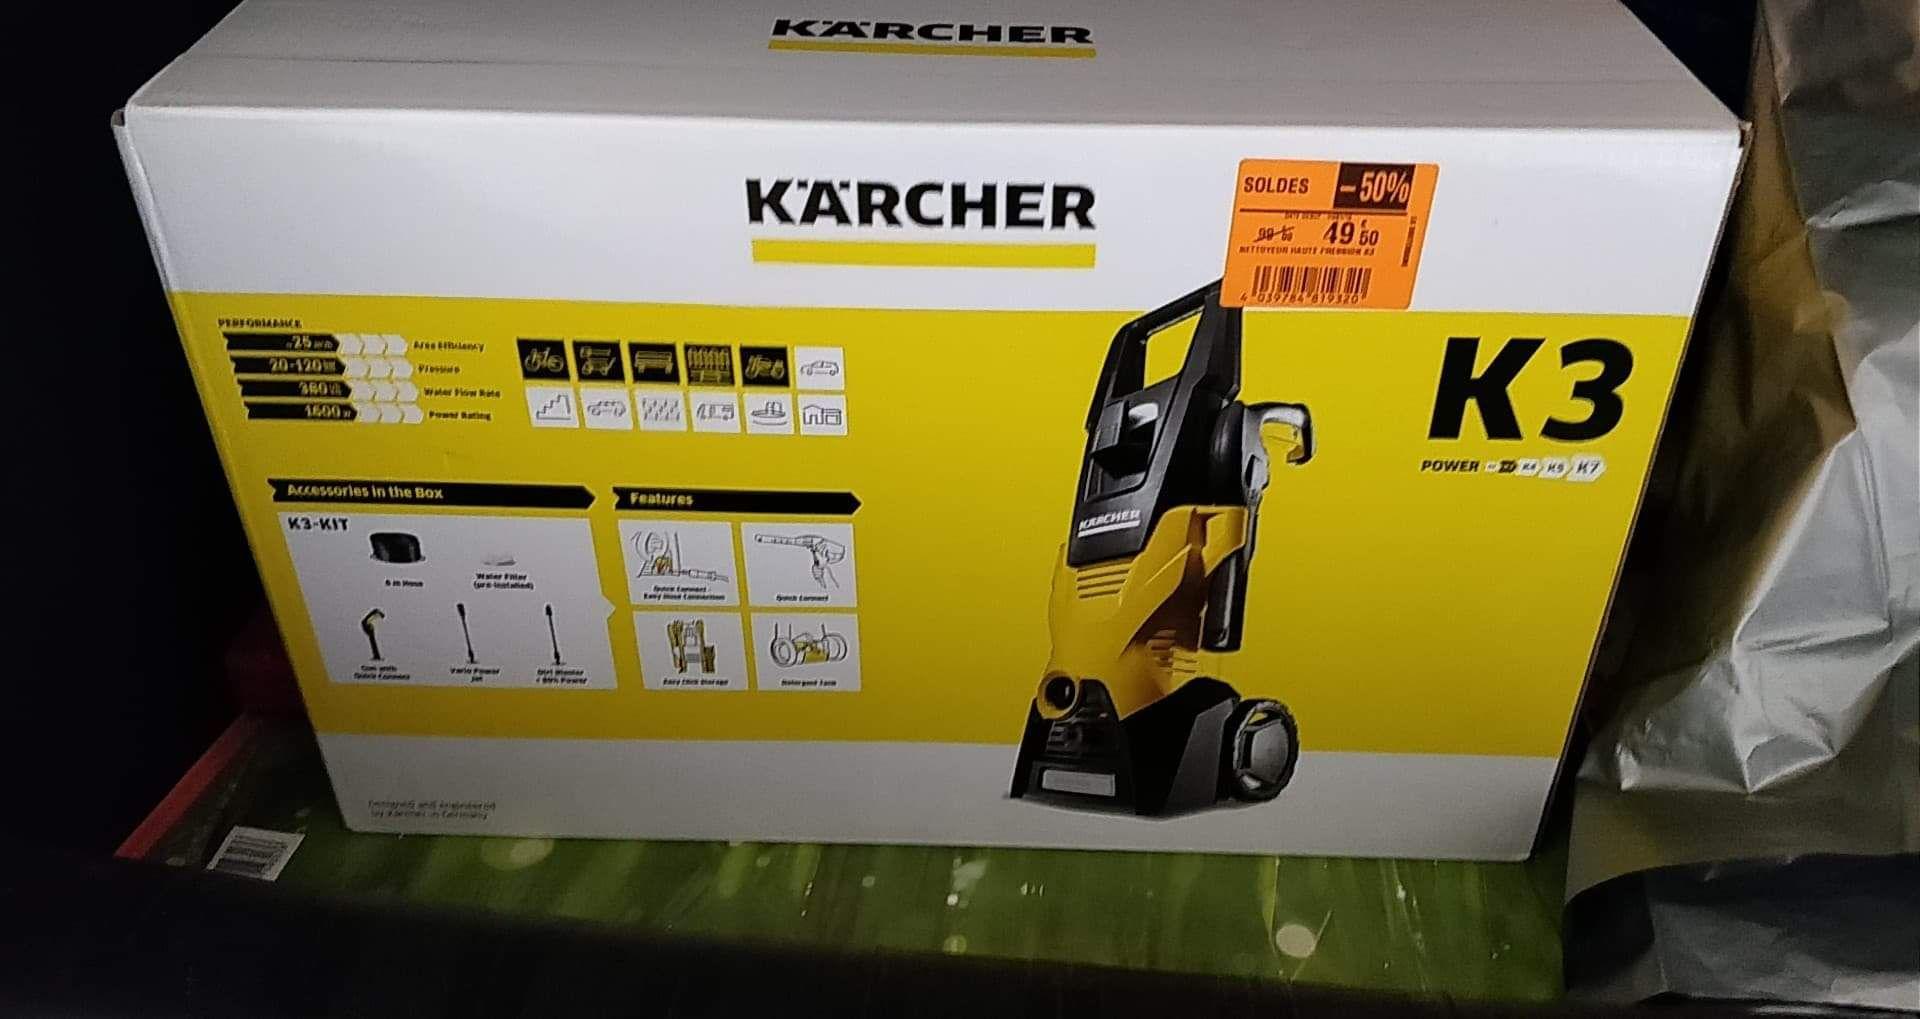 Nettoyeur haute pression Karcher K3 - Carrefour Market La Souterraine